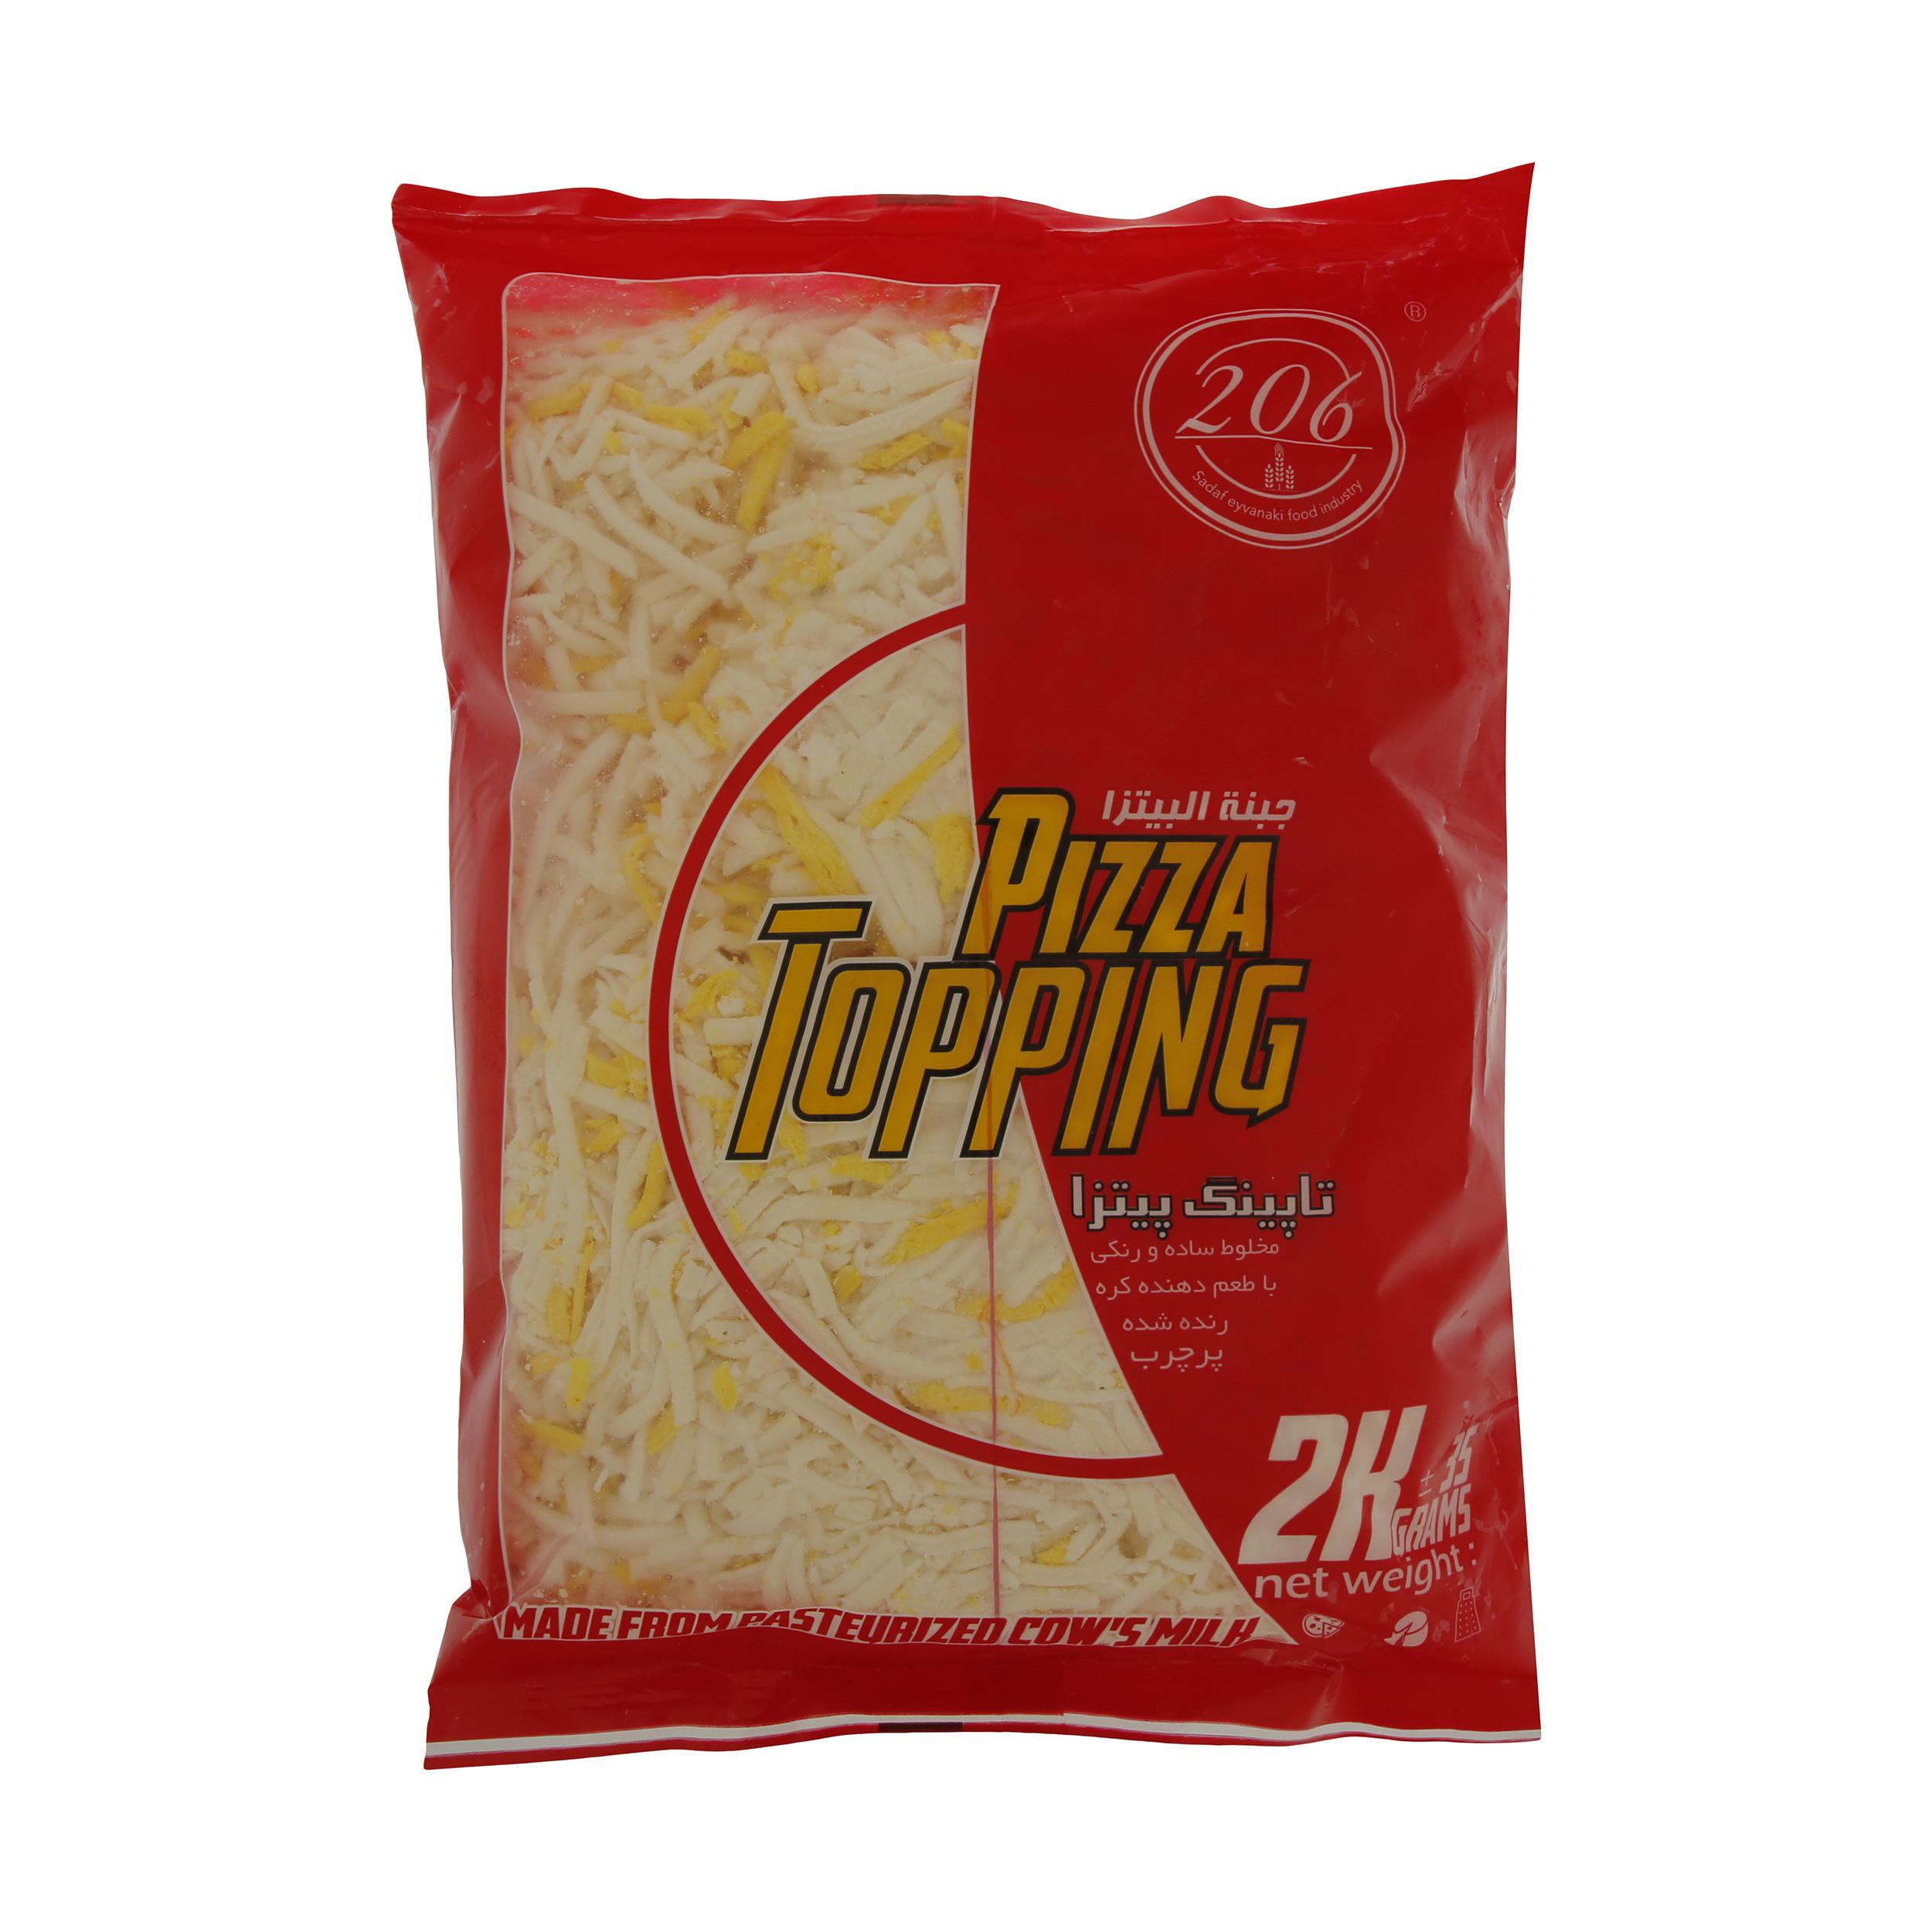 پنیر پیتزا رنده شده 206 - 2 کیلوگرم